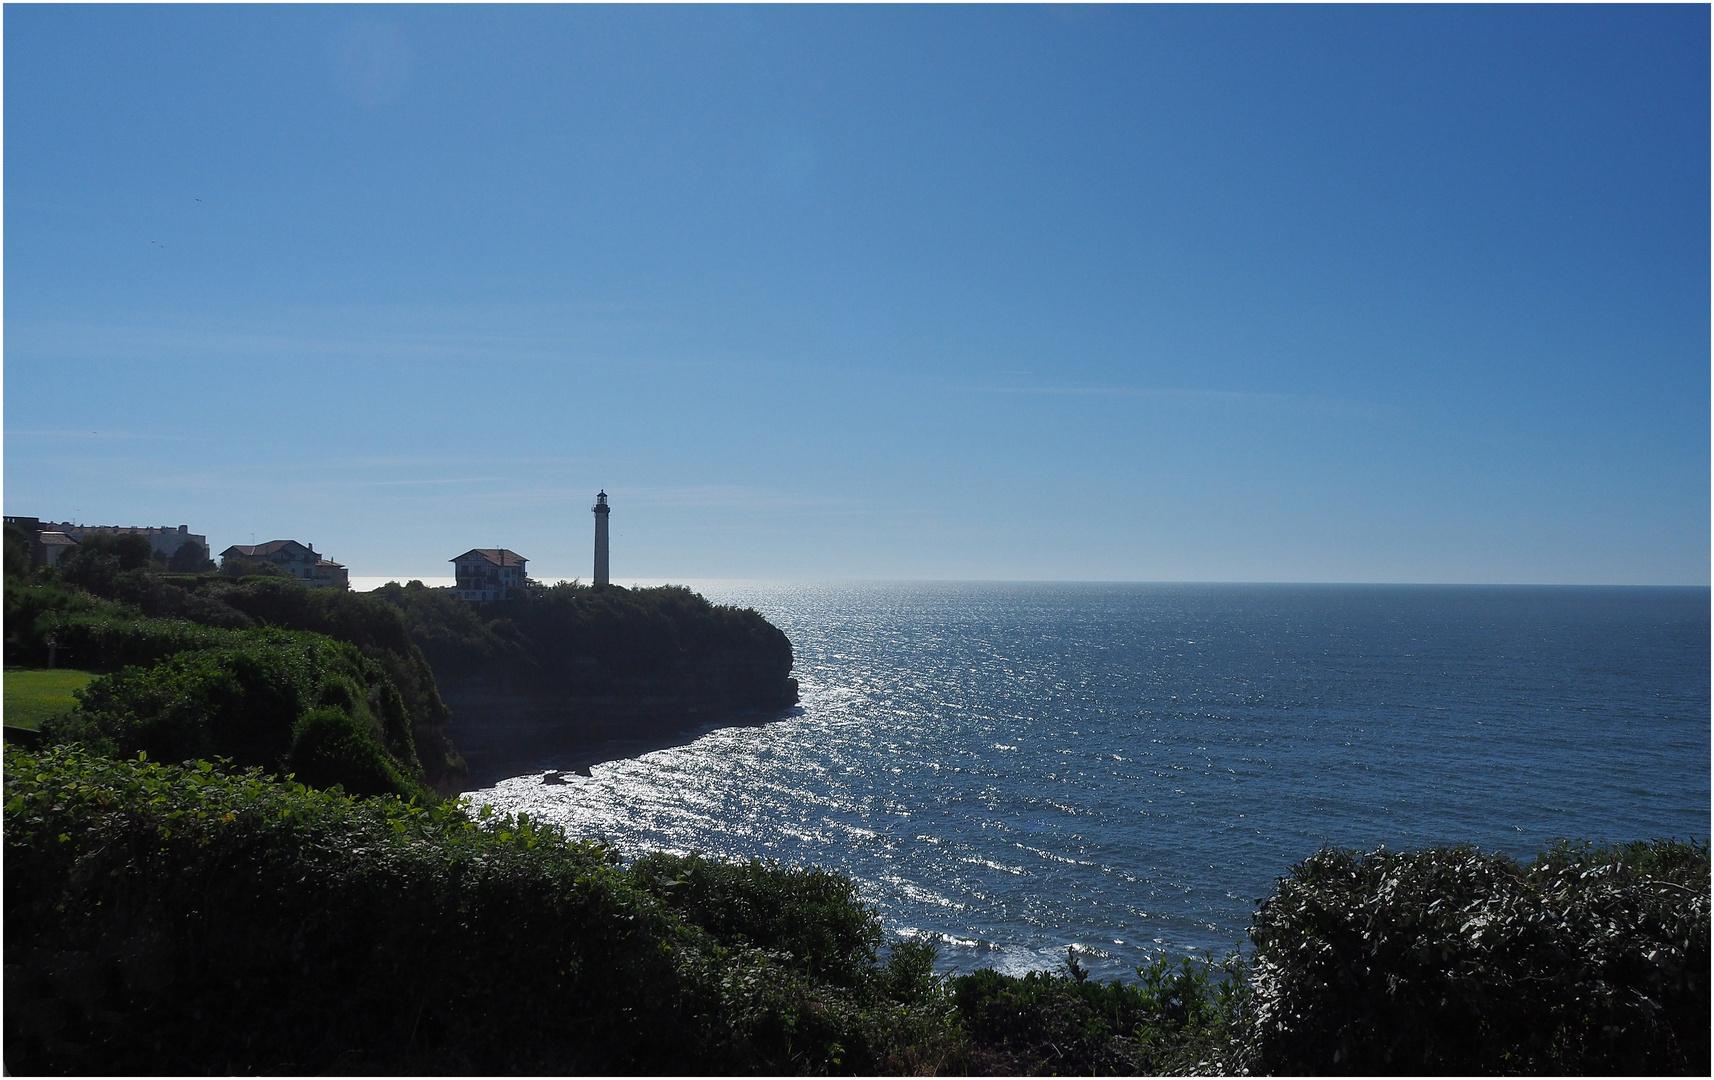 Contre-jour sur le Phare de Biarritz et la Pointe Saint-Martin